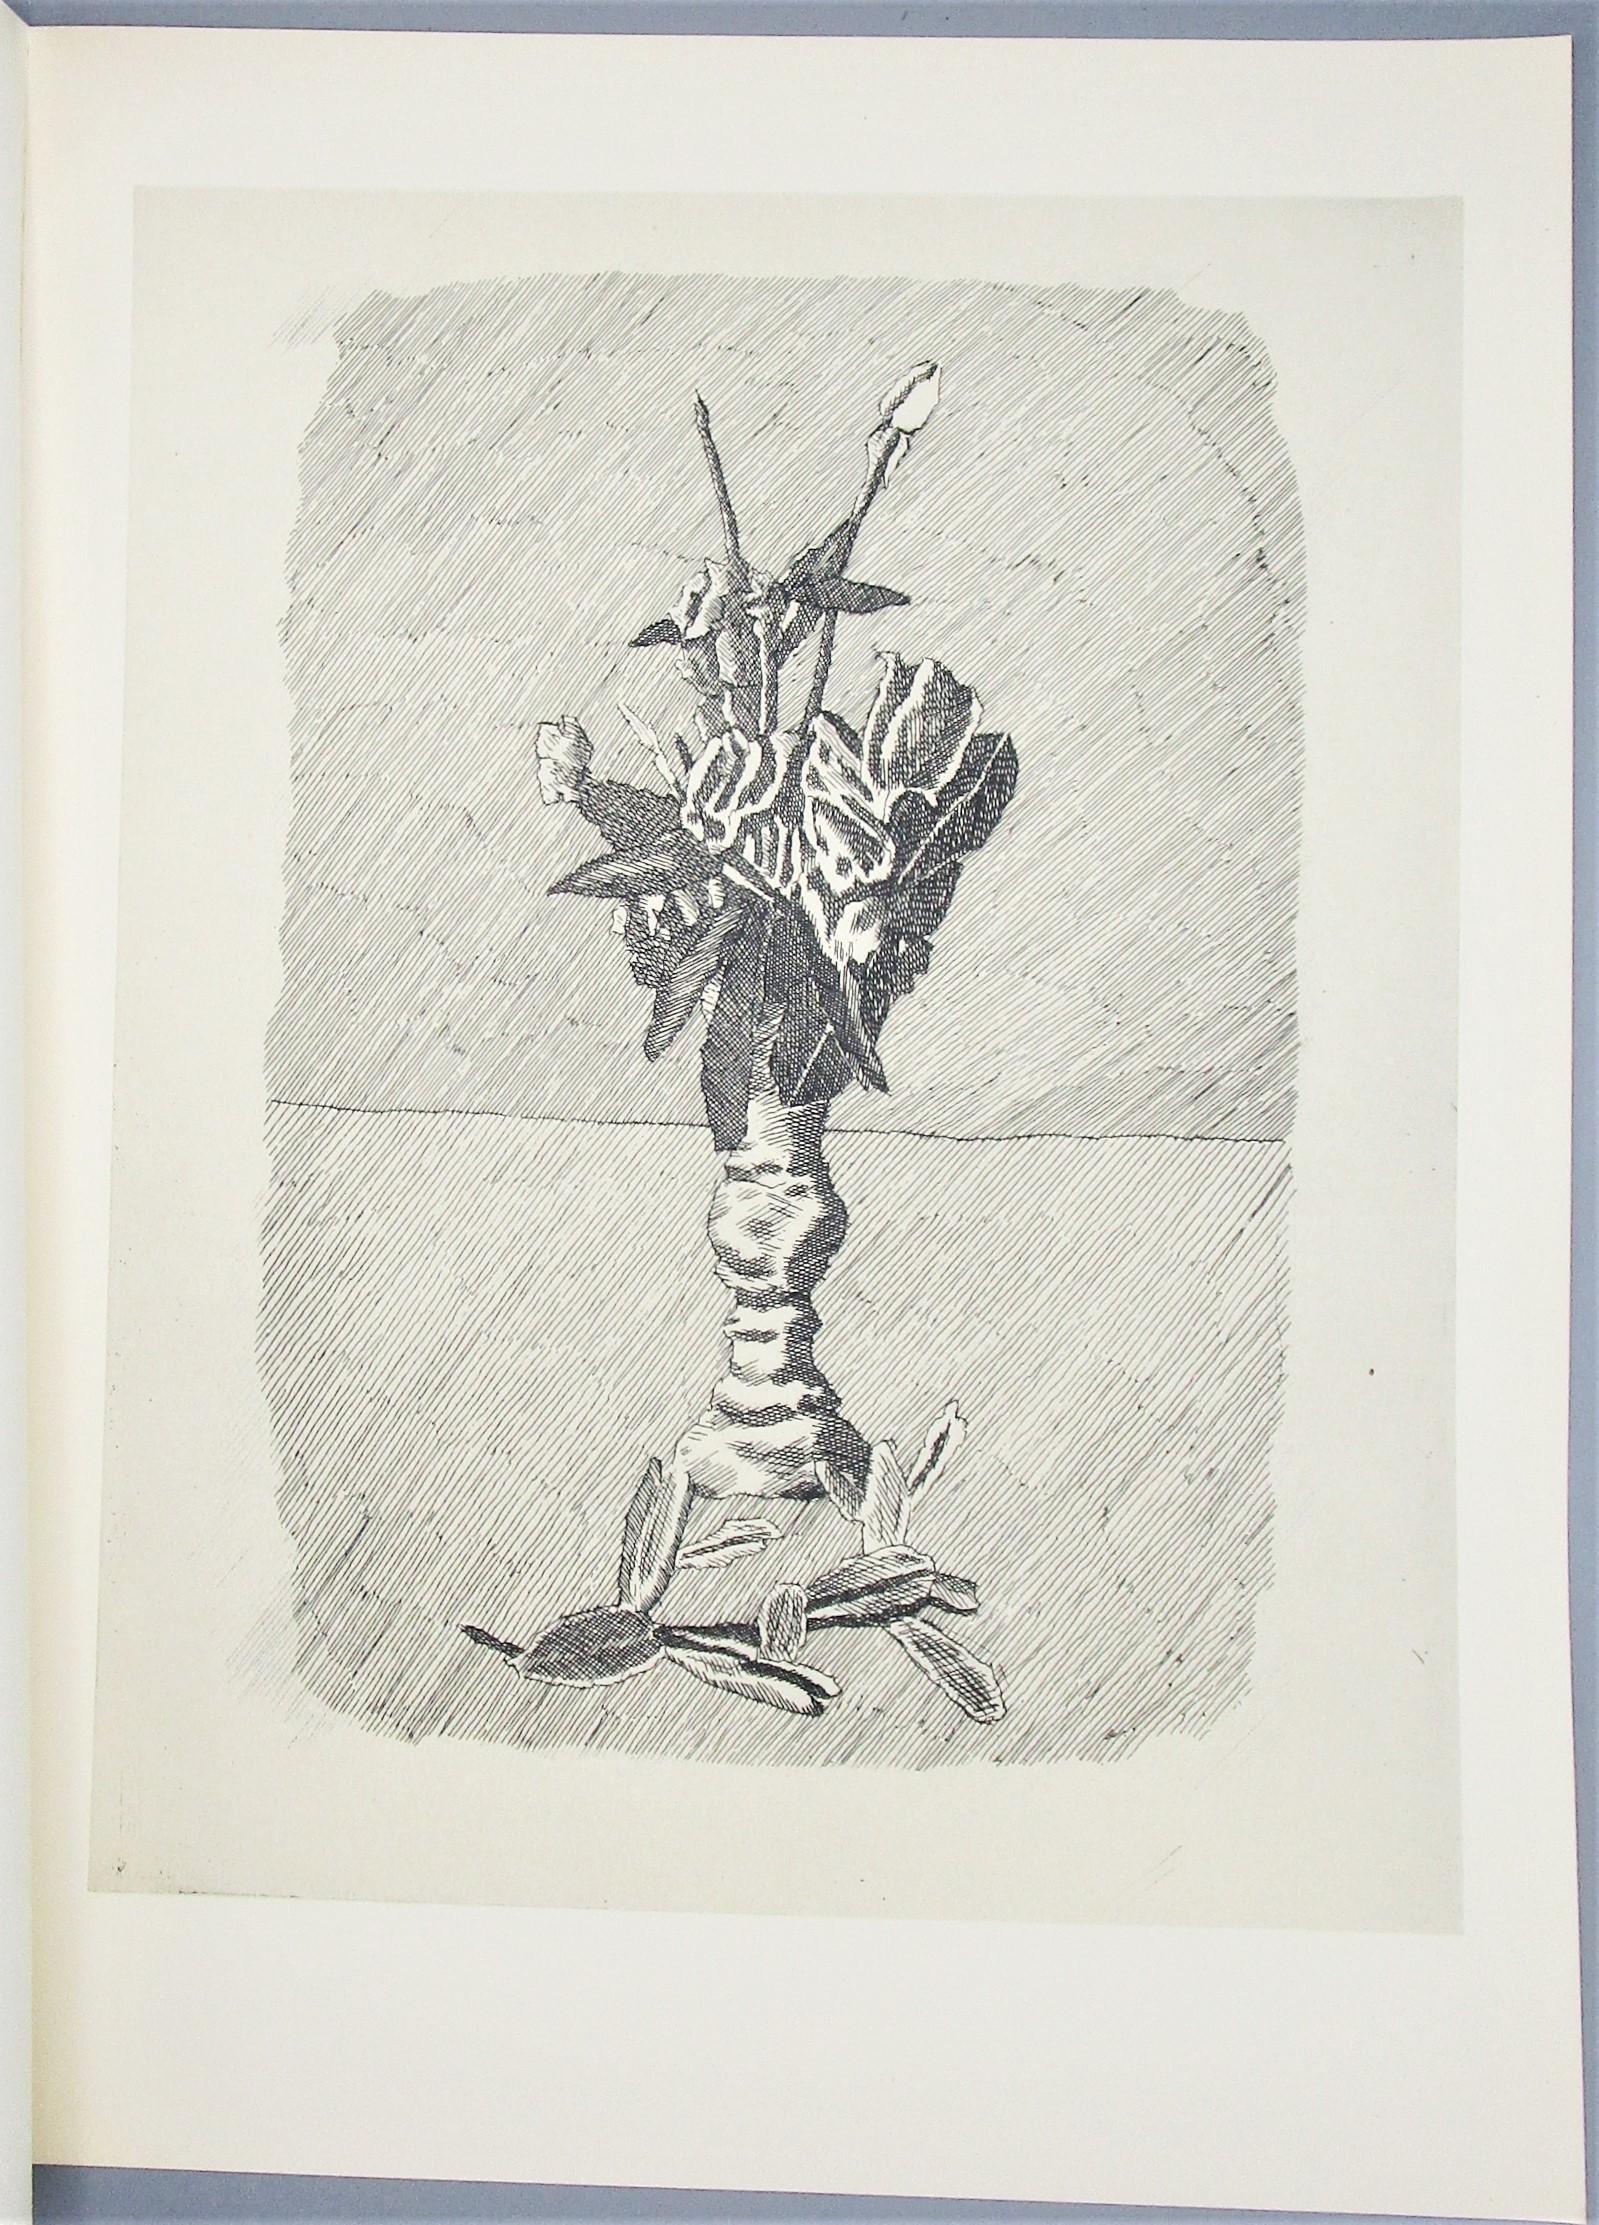 GIORGIO MORANDI OPERA GRAFICA - 1957 [Ltd Ed]